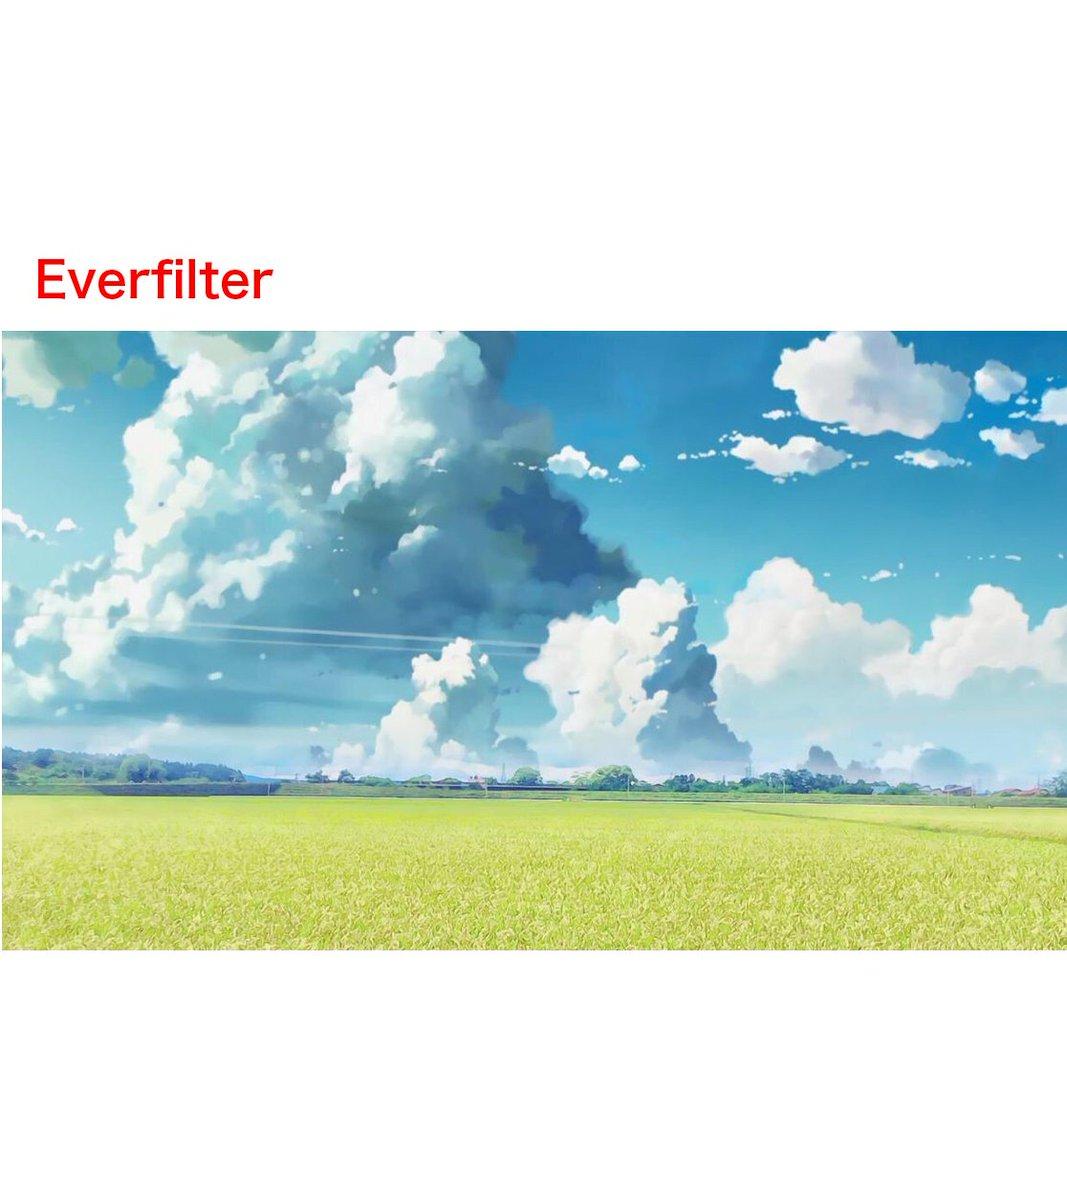 てか個人情報云々の前に、加工された雲の形完全に新海誠作品のトレスじゃねえかwそりゃ君の名はっぽくなるよね…こっちの方が問